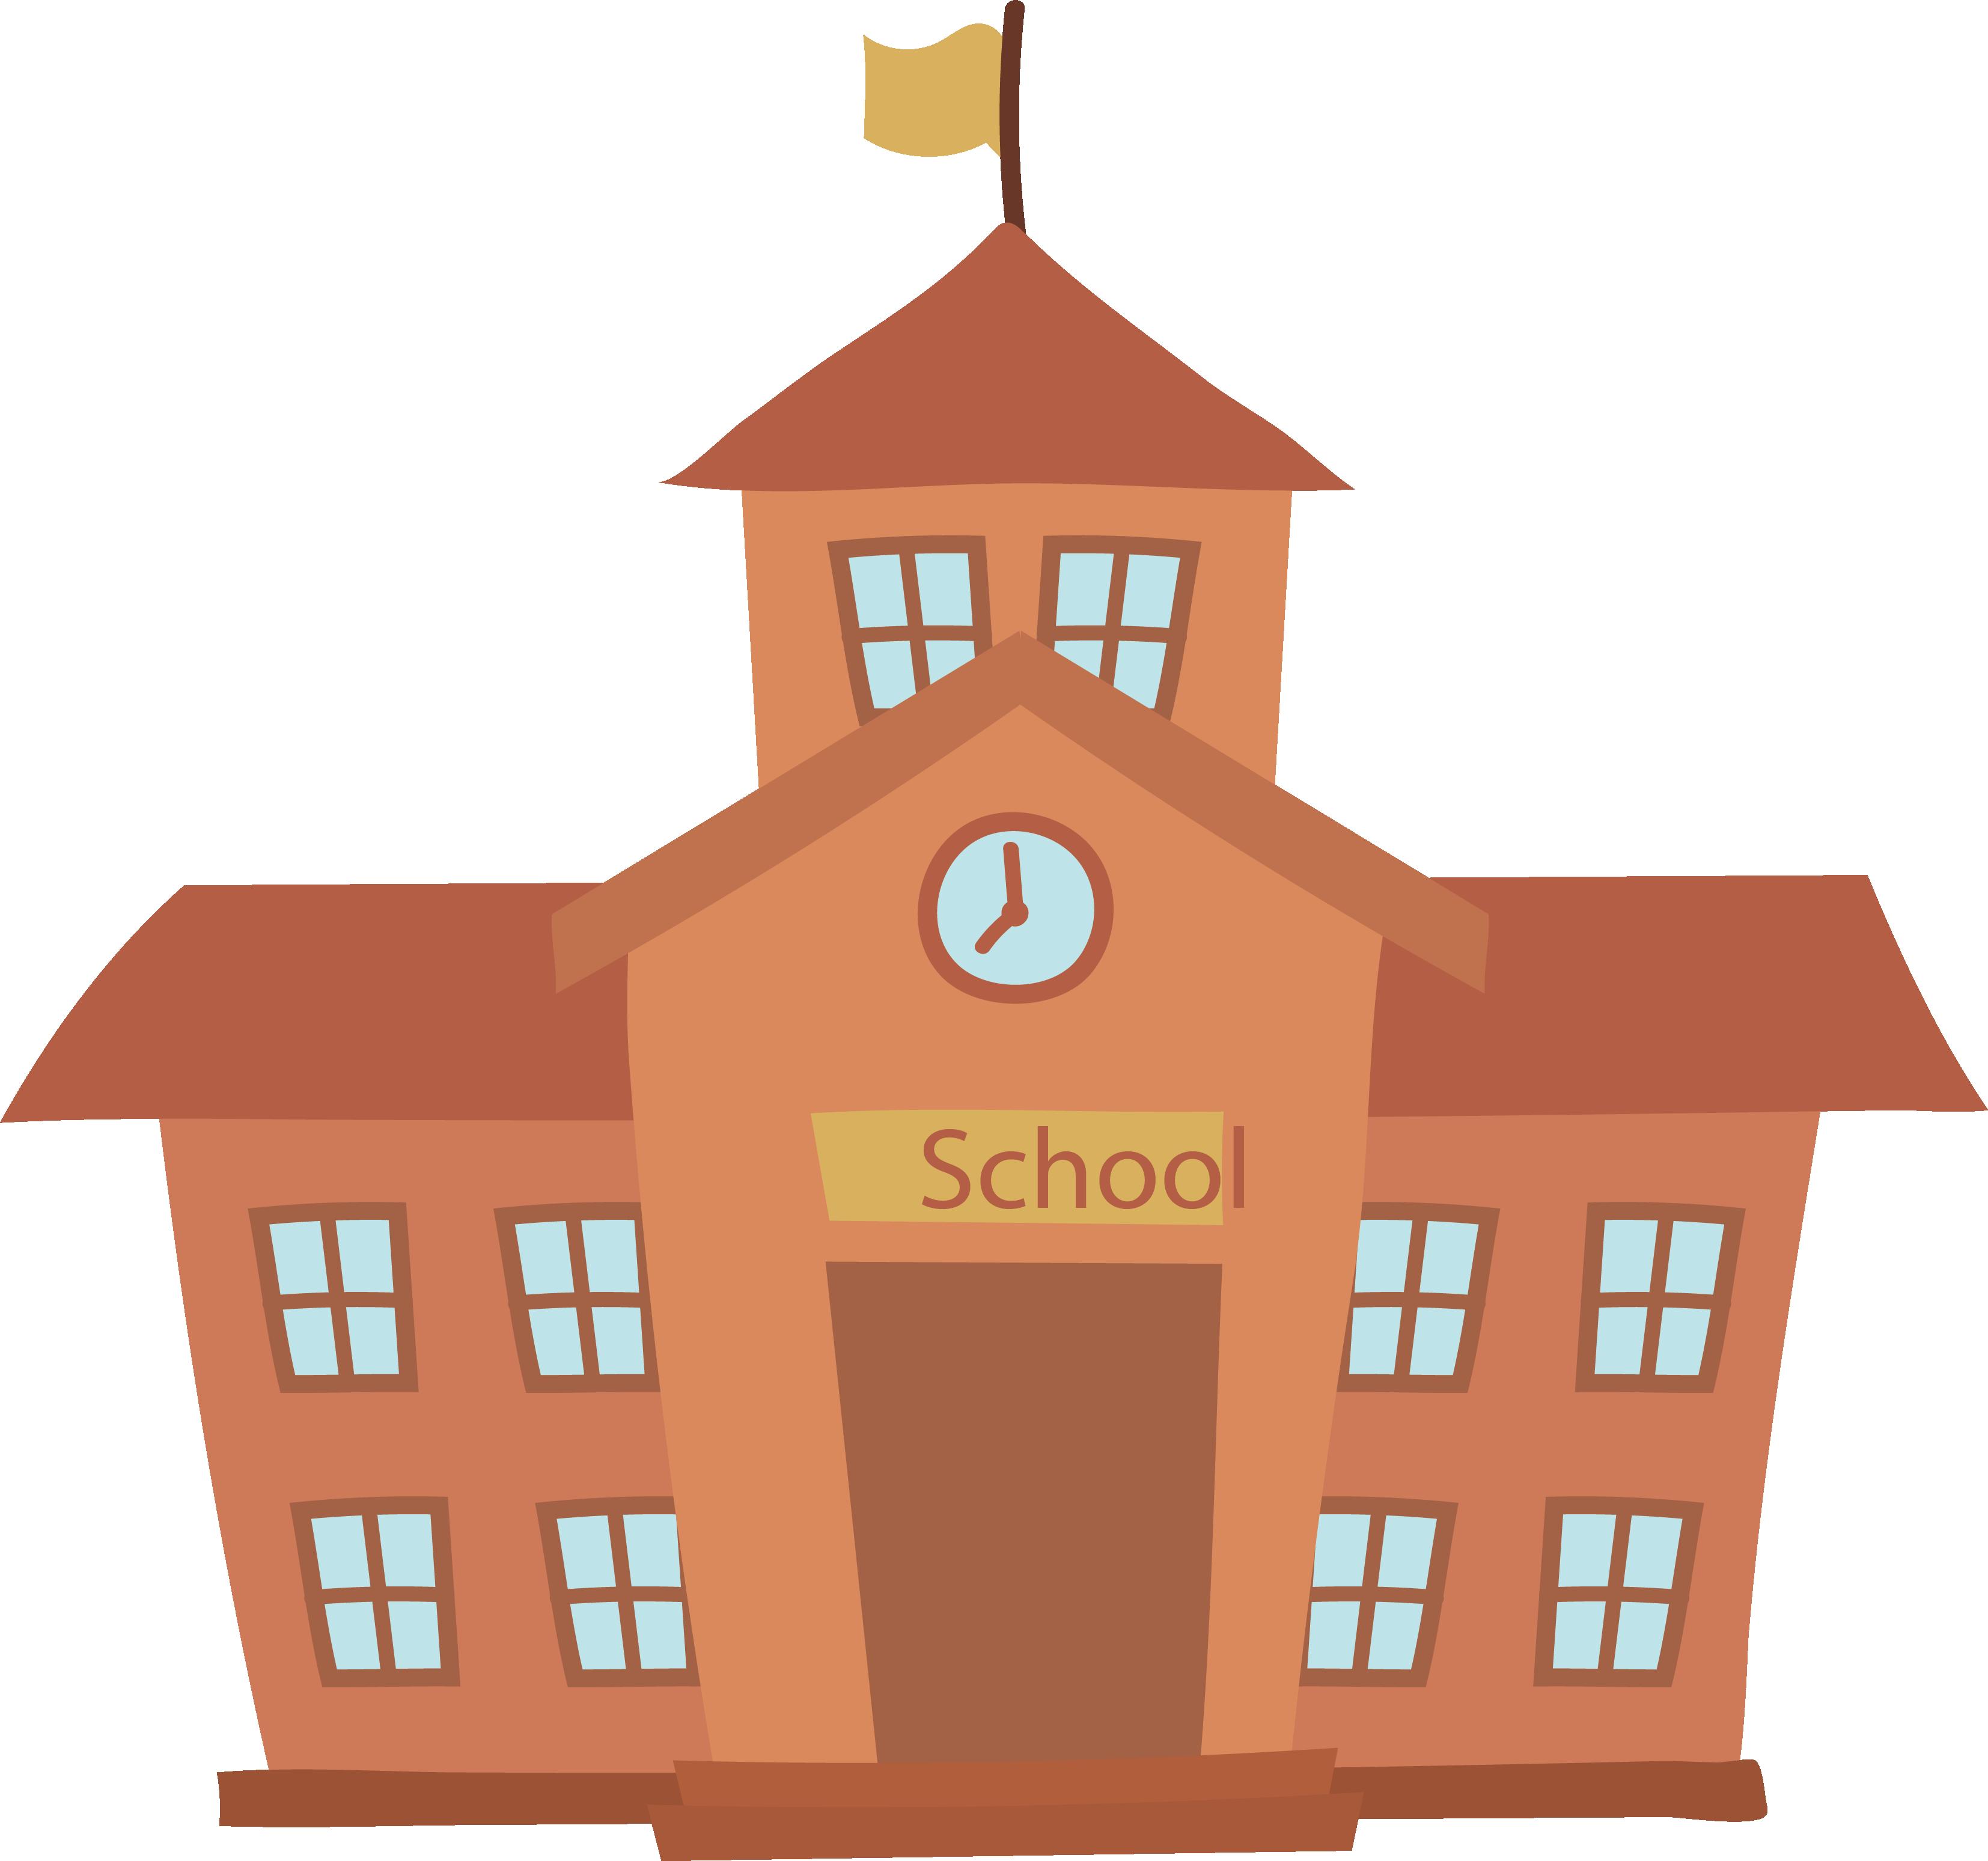 School cartoon building.